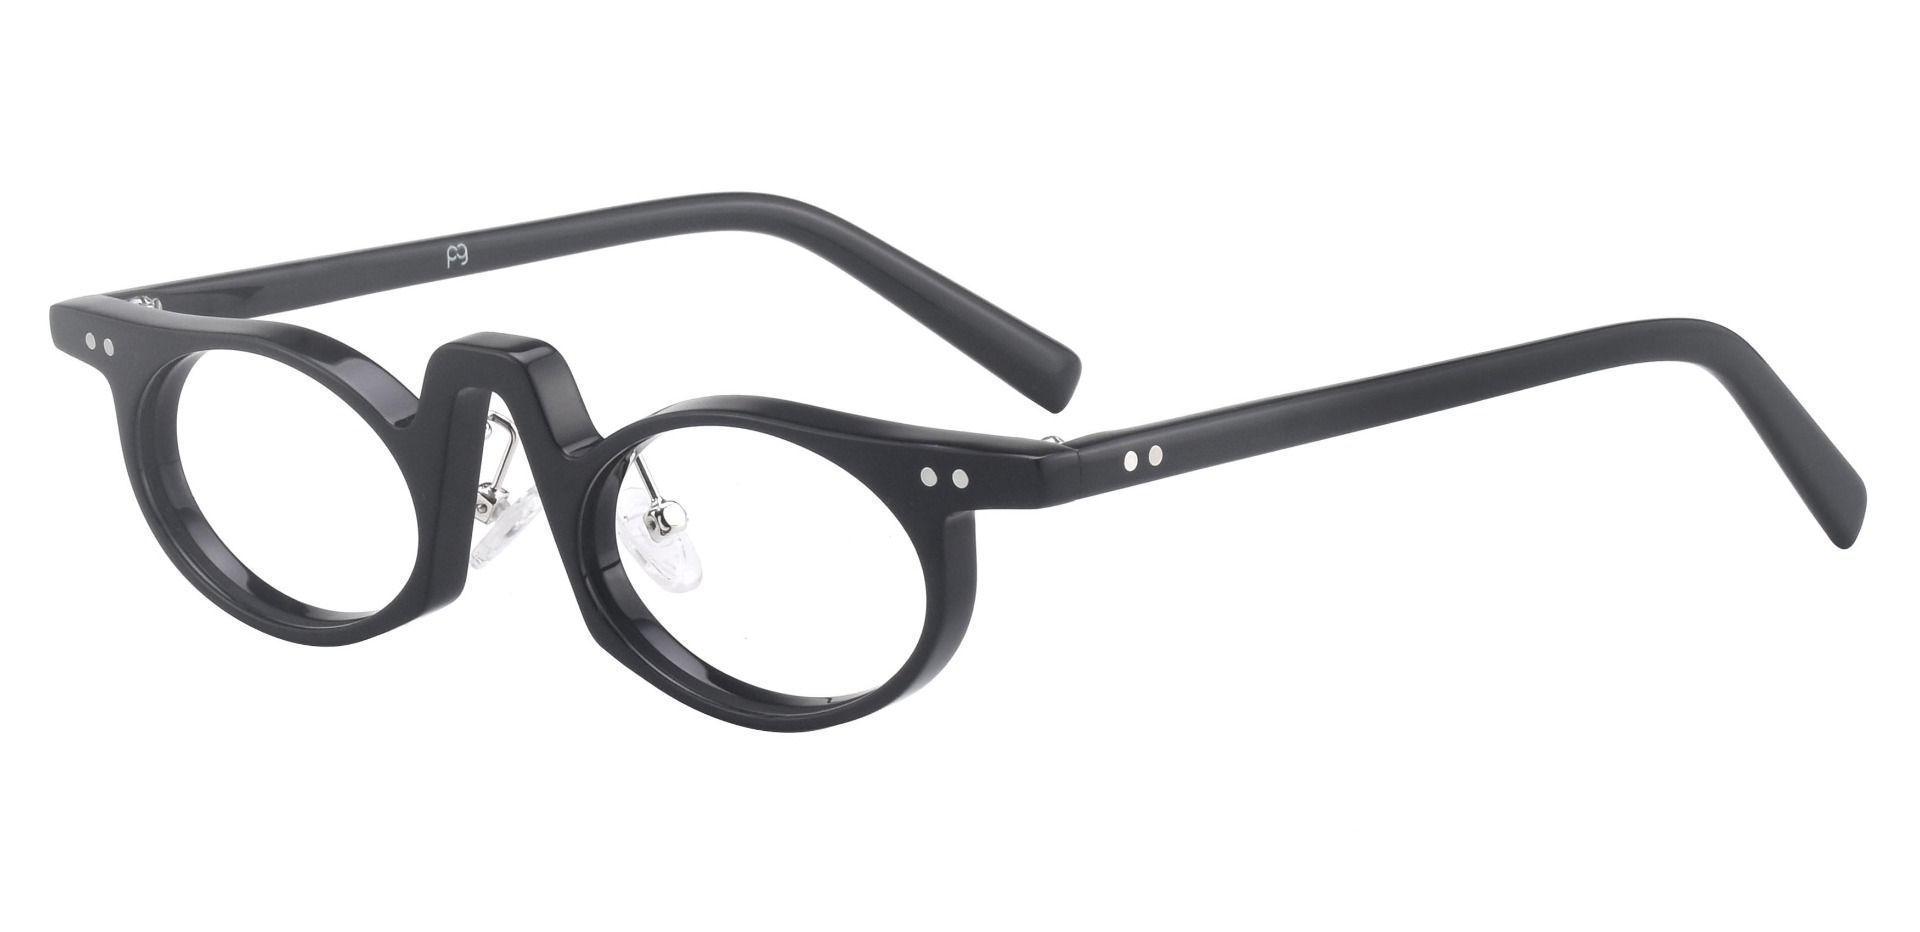 Hamlin Oval Single Vision Glasses - Black